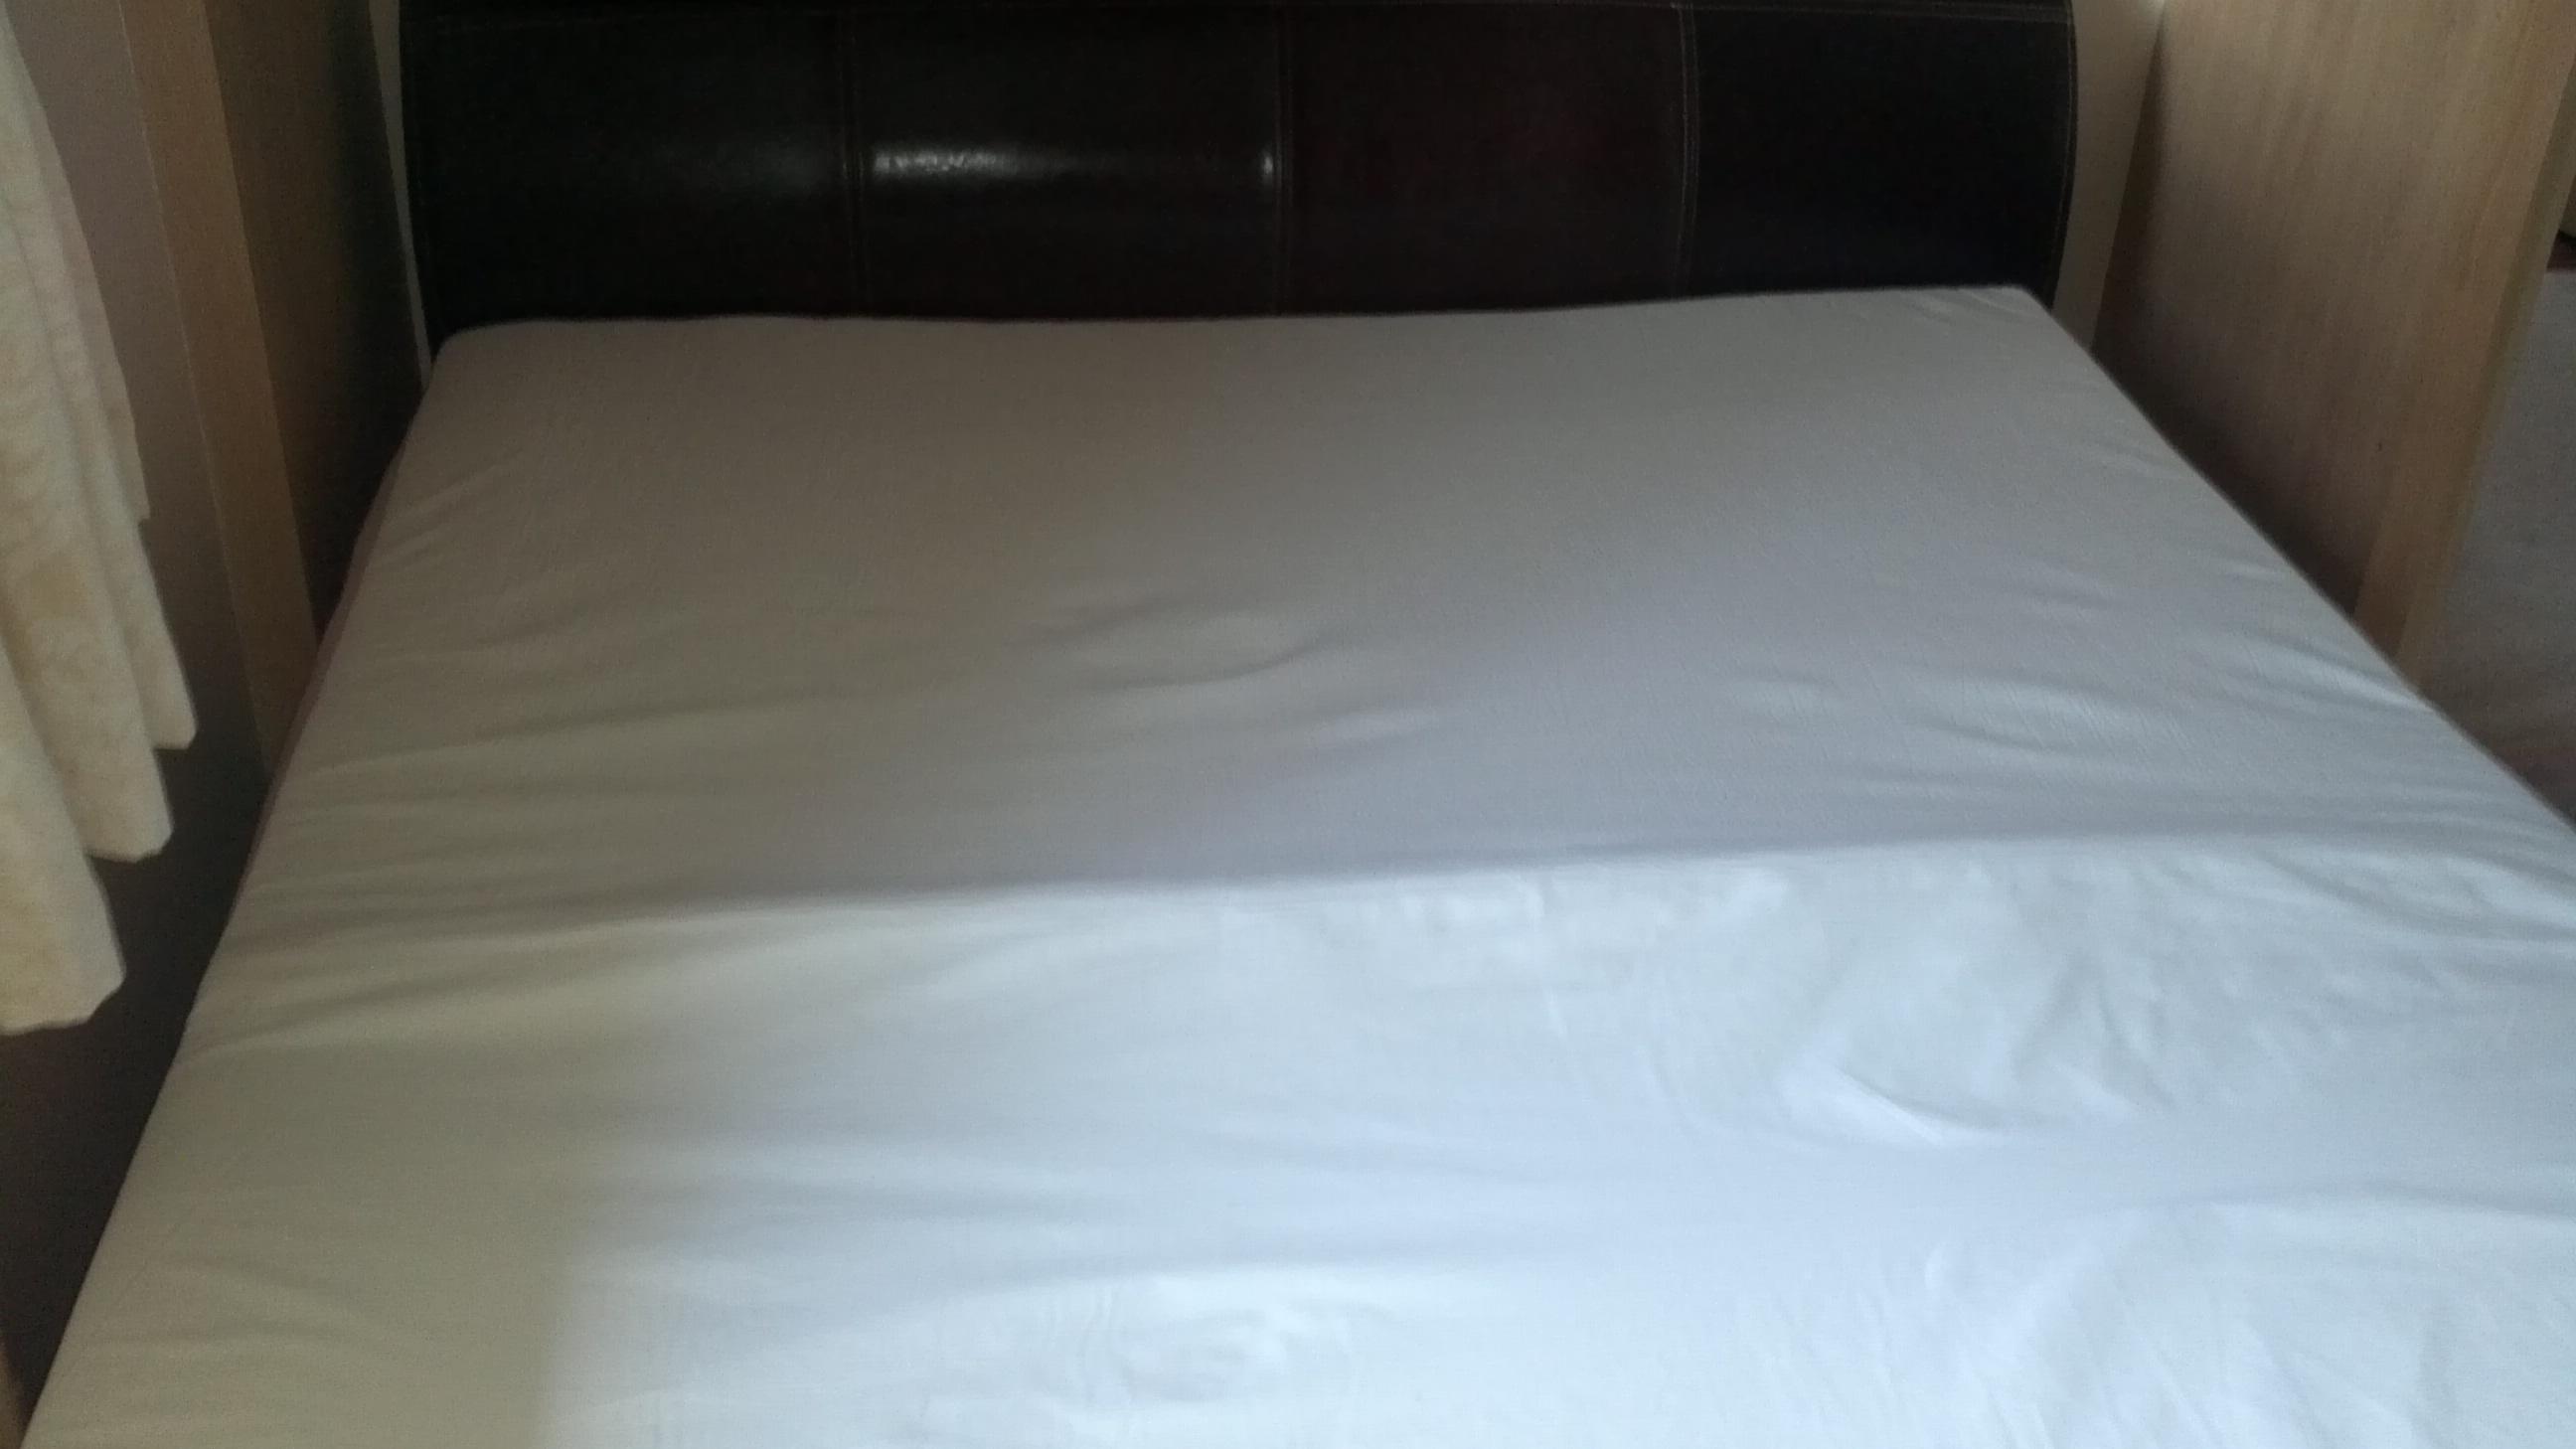 Review Luxury Memory Foam Mattress Topper From Zen